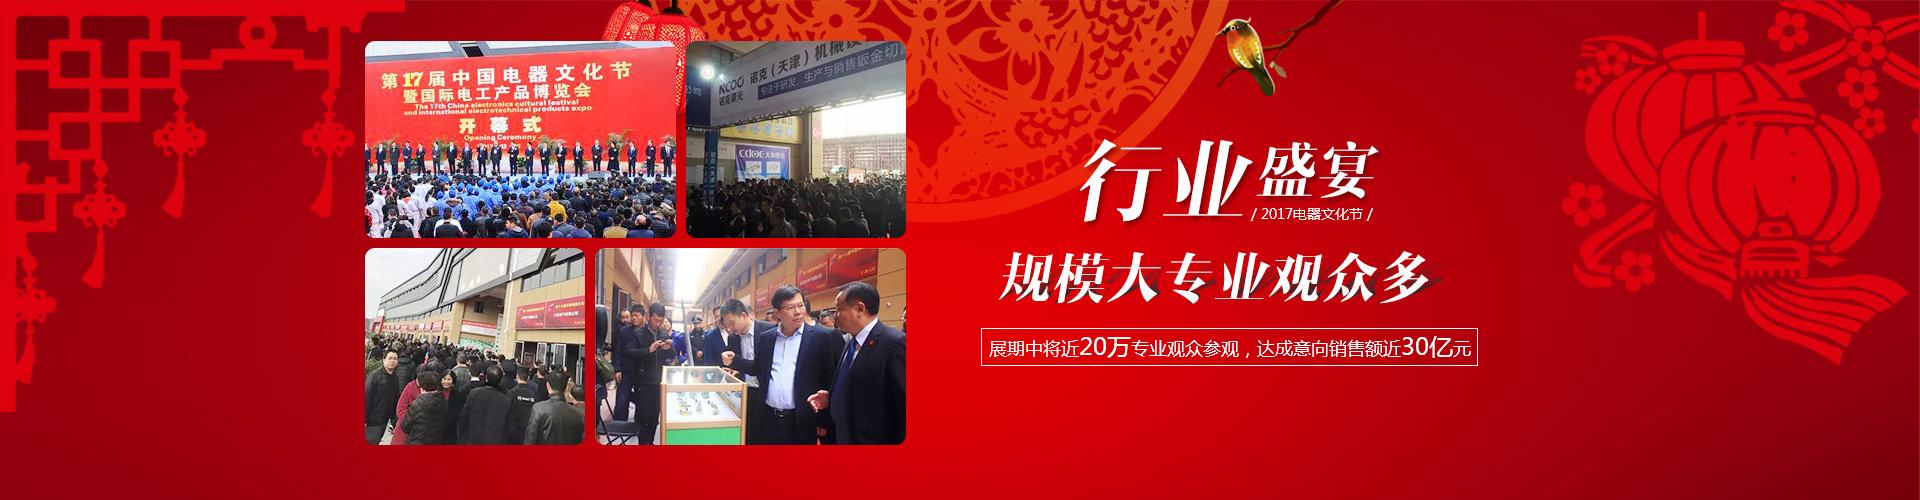 电器文化节banner